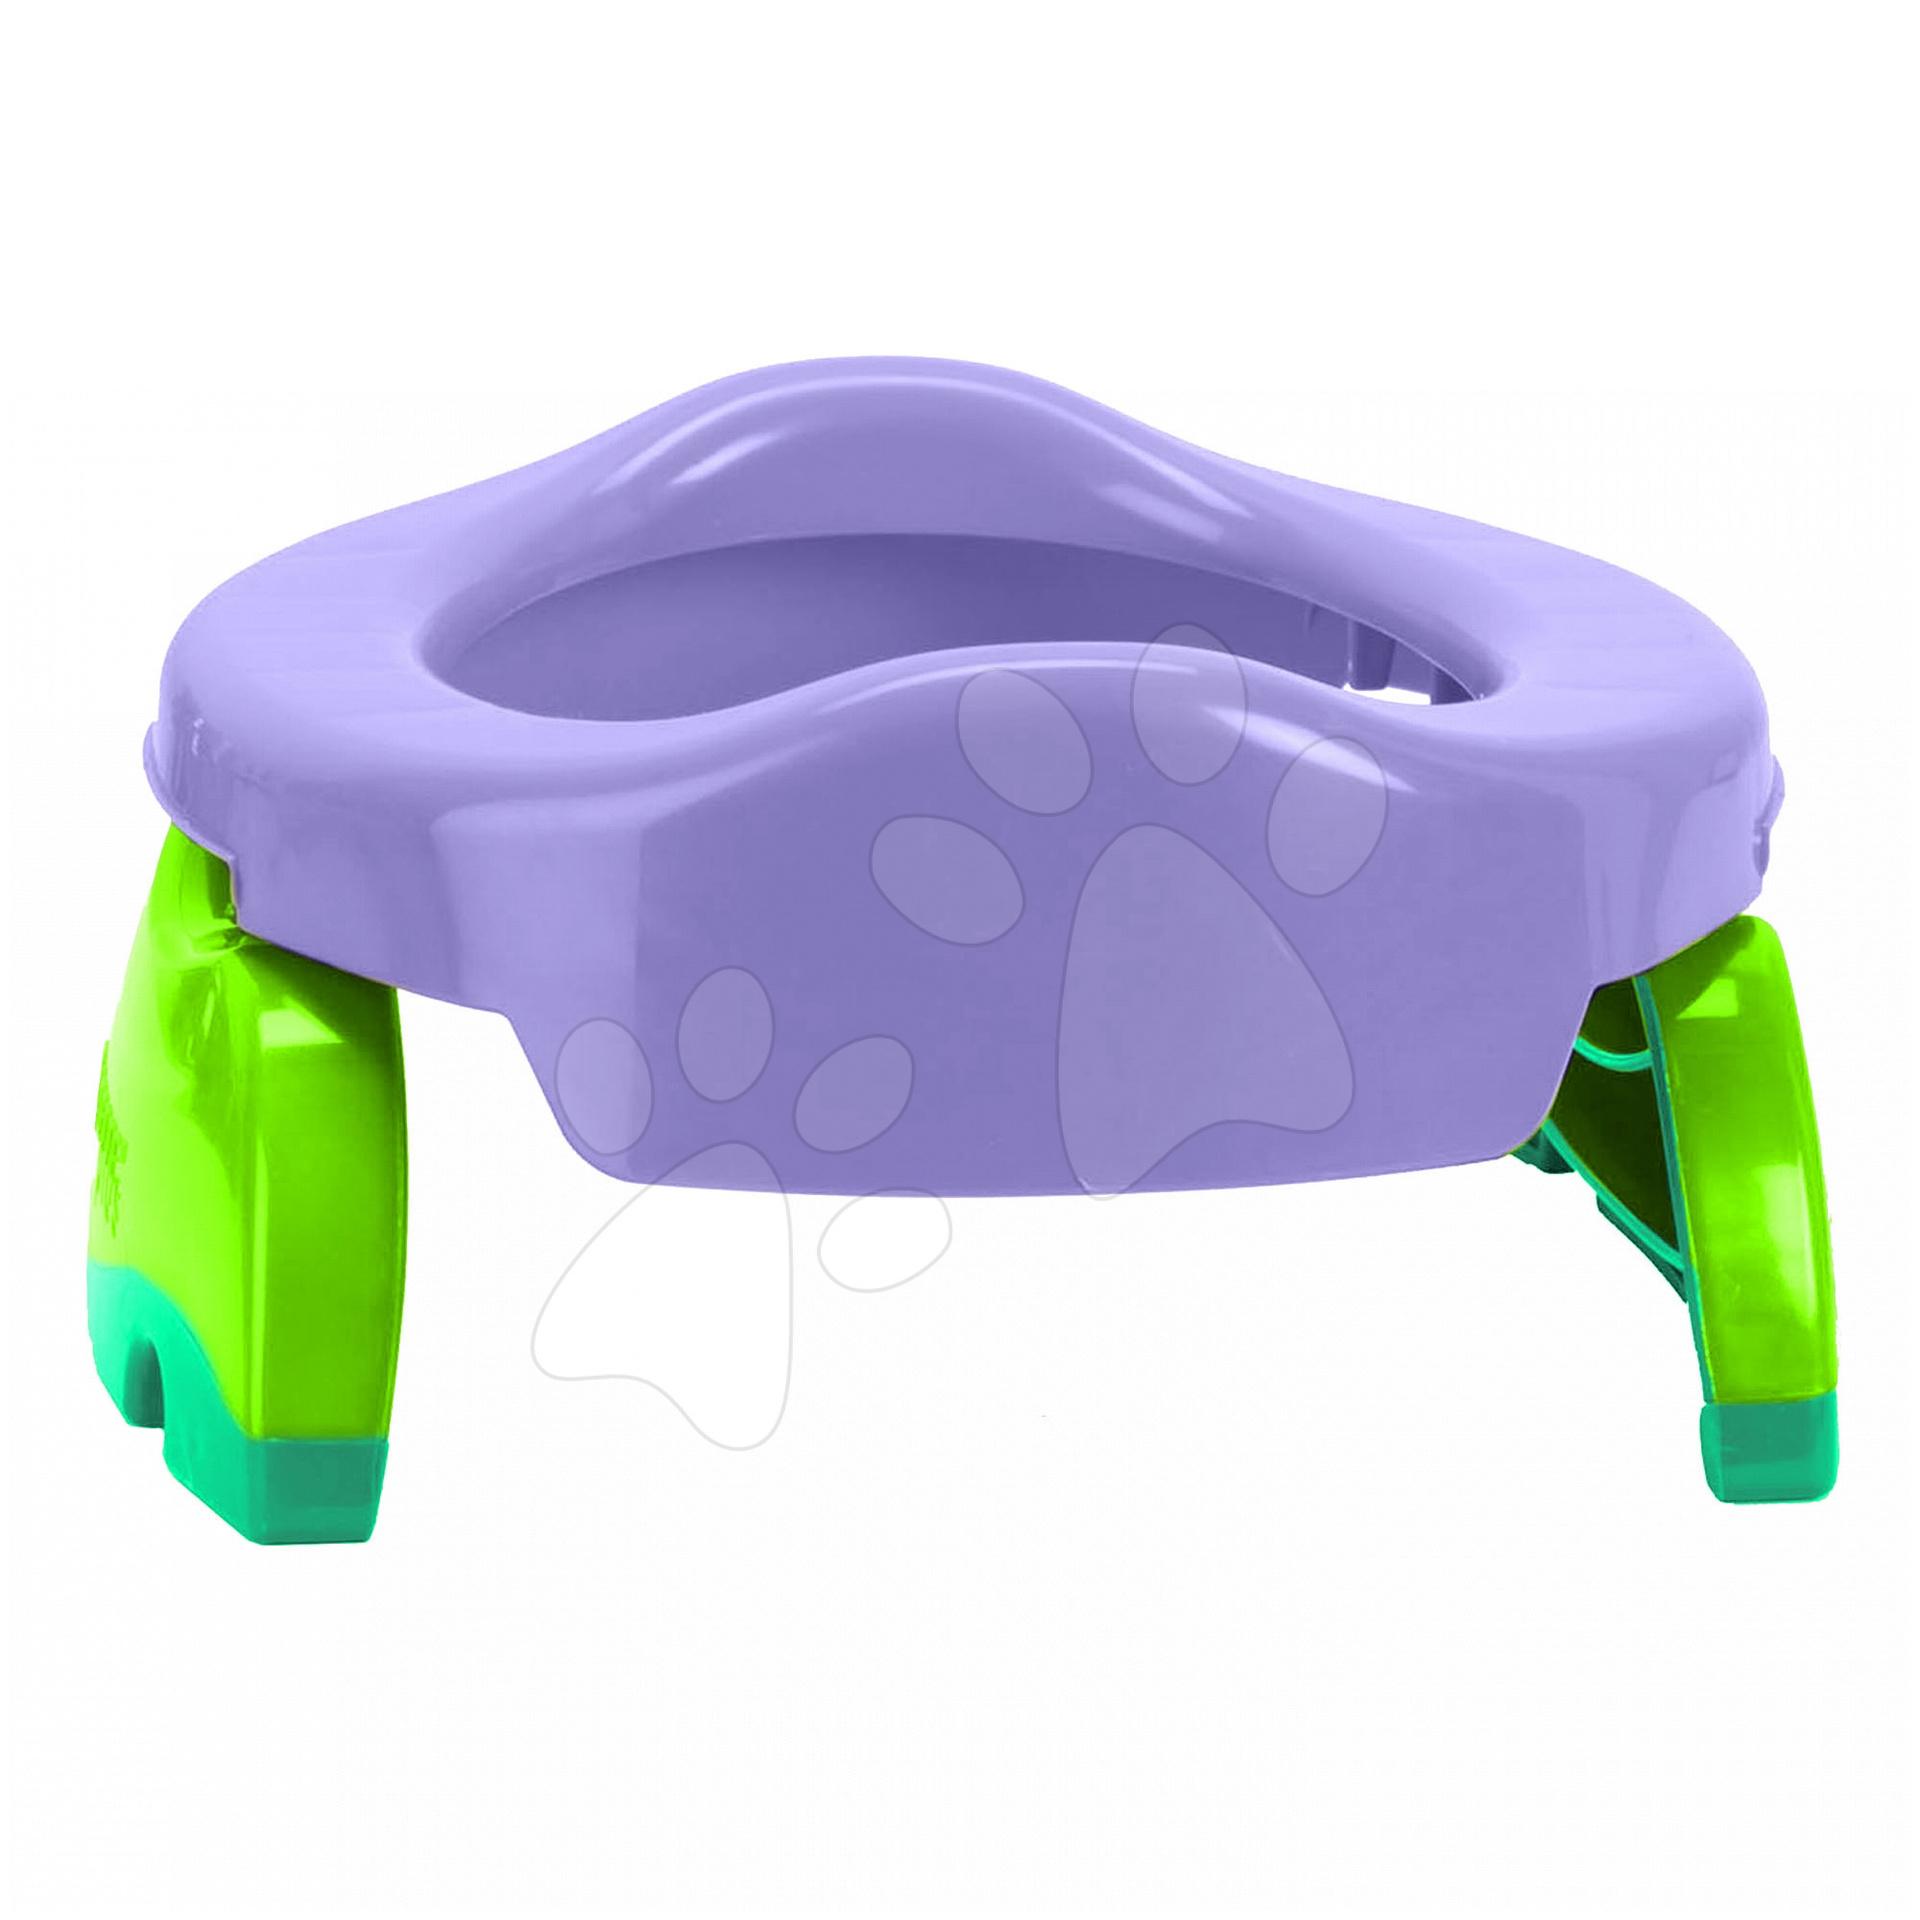 Cestovní nočník/redukce na WC Potette Plus fialovo-zelený od 15 měsíců